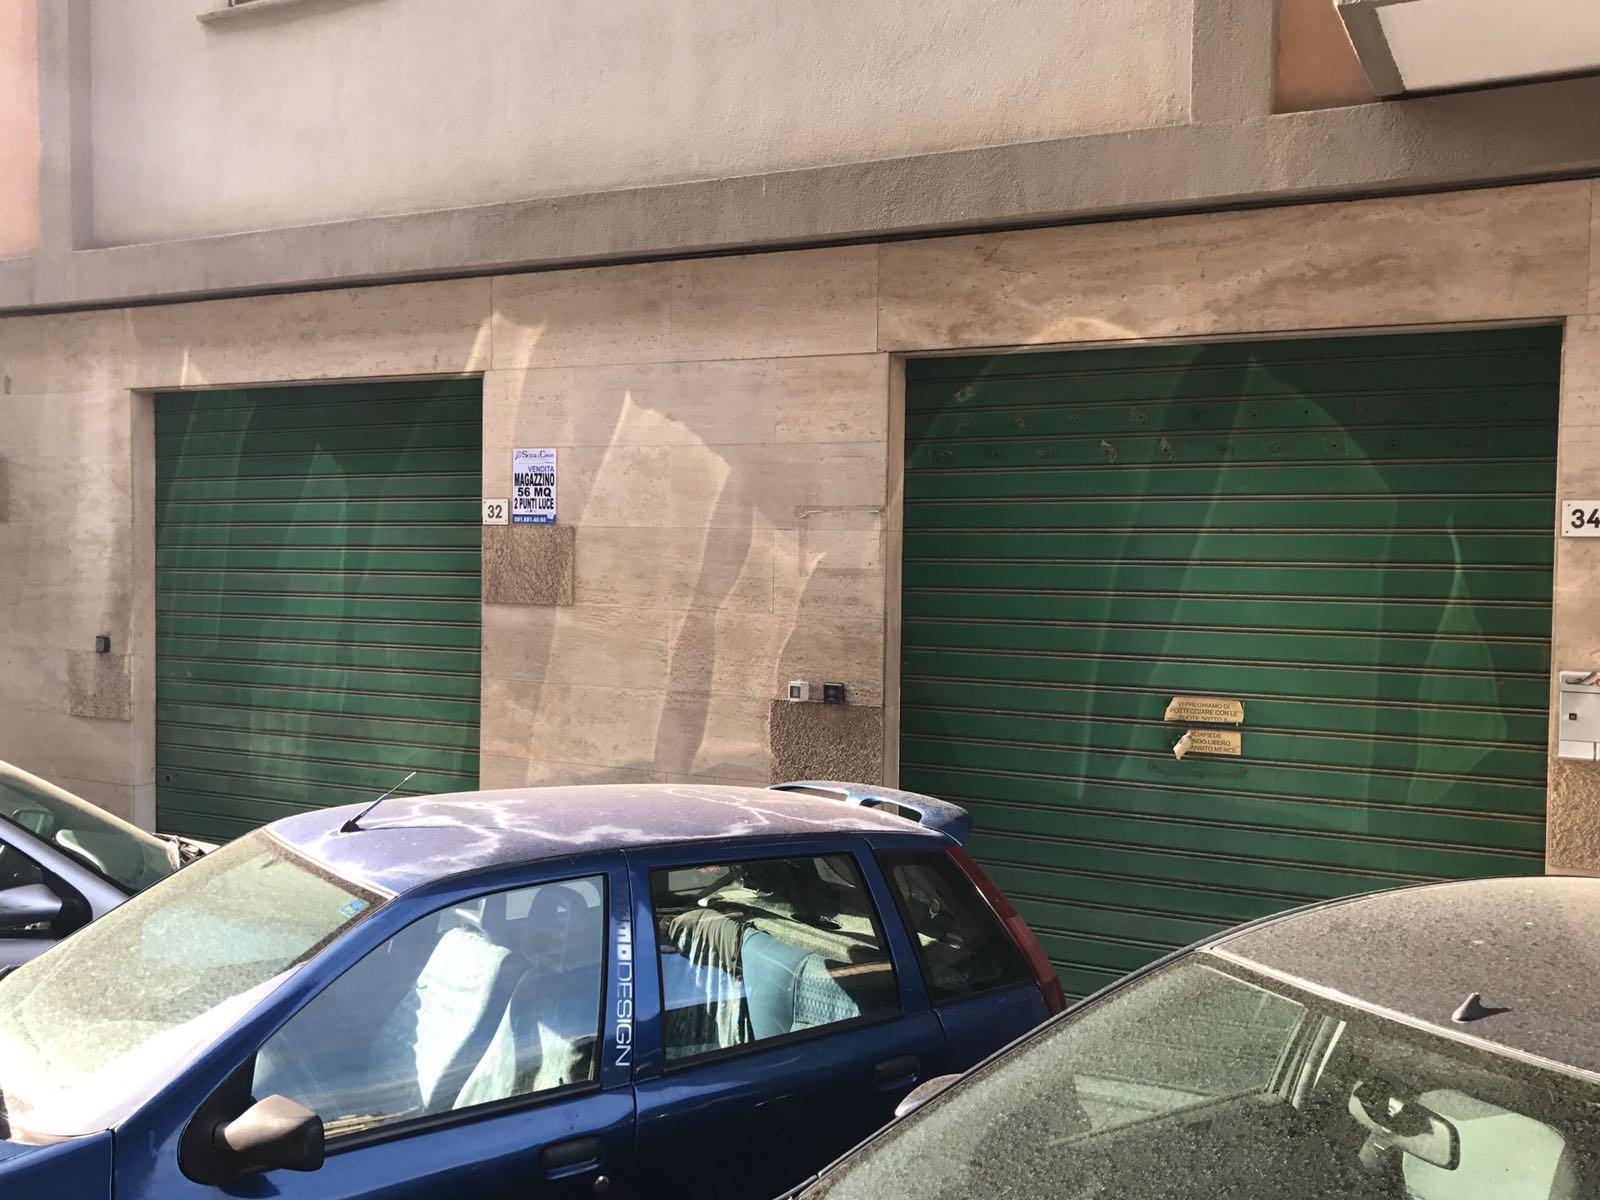 Magazzino in vendita a Palermo, 9999 locali, zona Località: Malaspina, prezzo € 65.000 | Cambio Casa.it